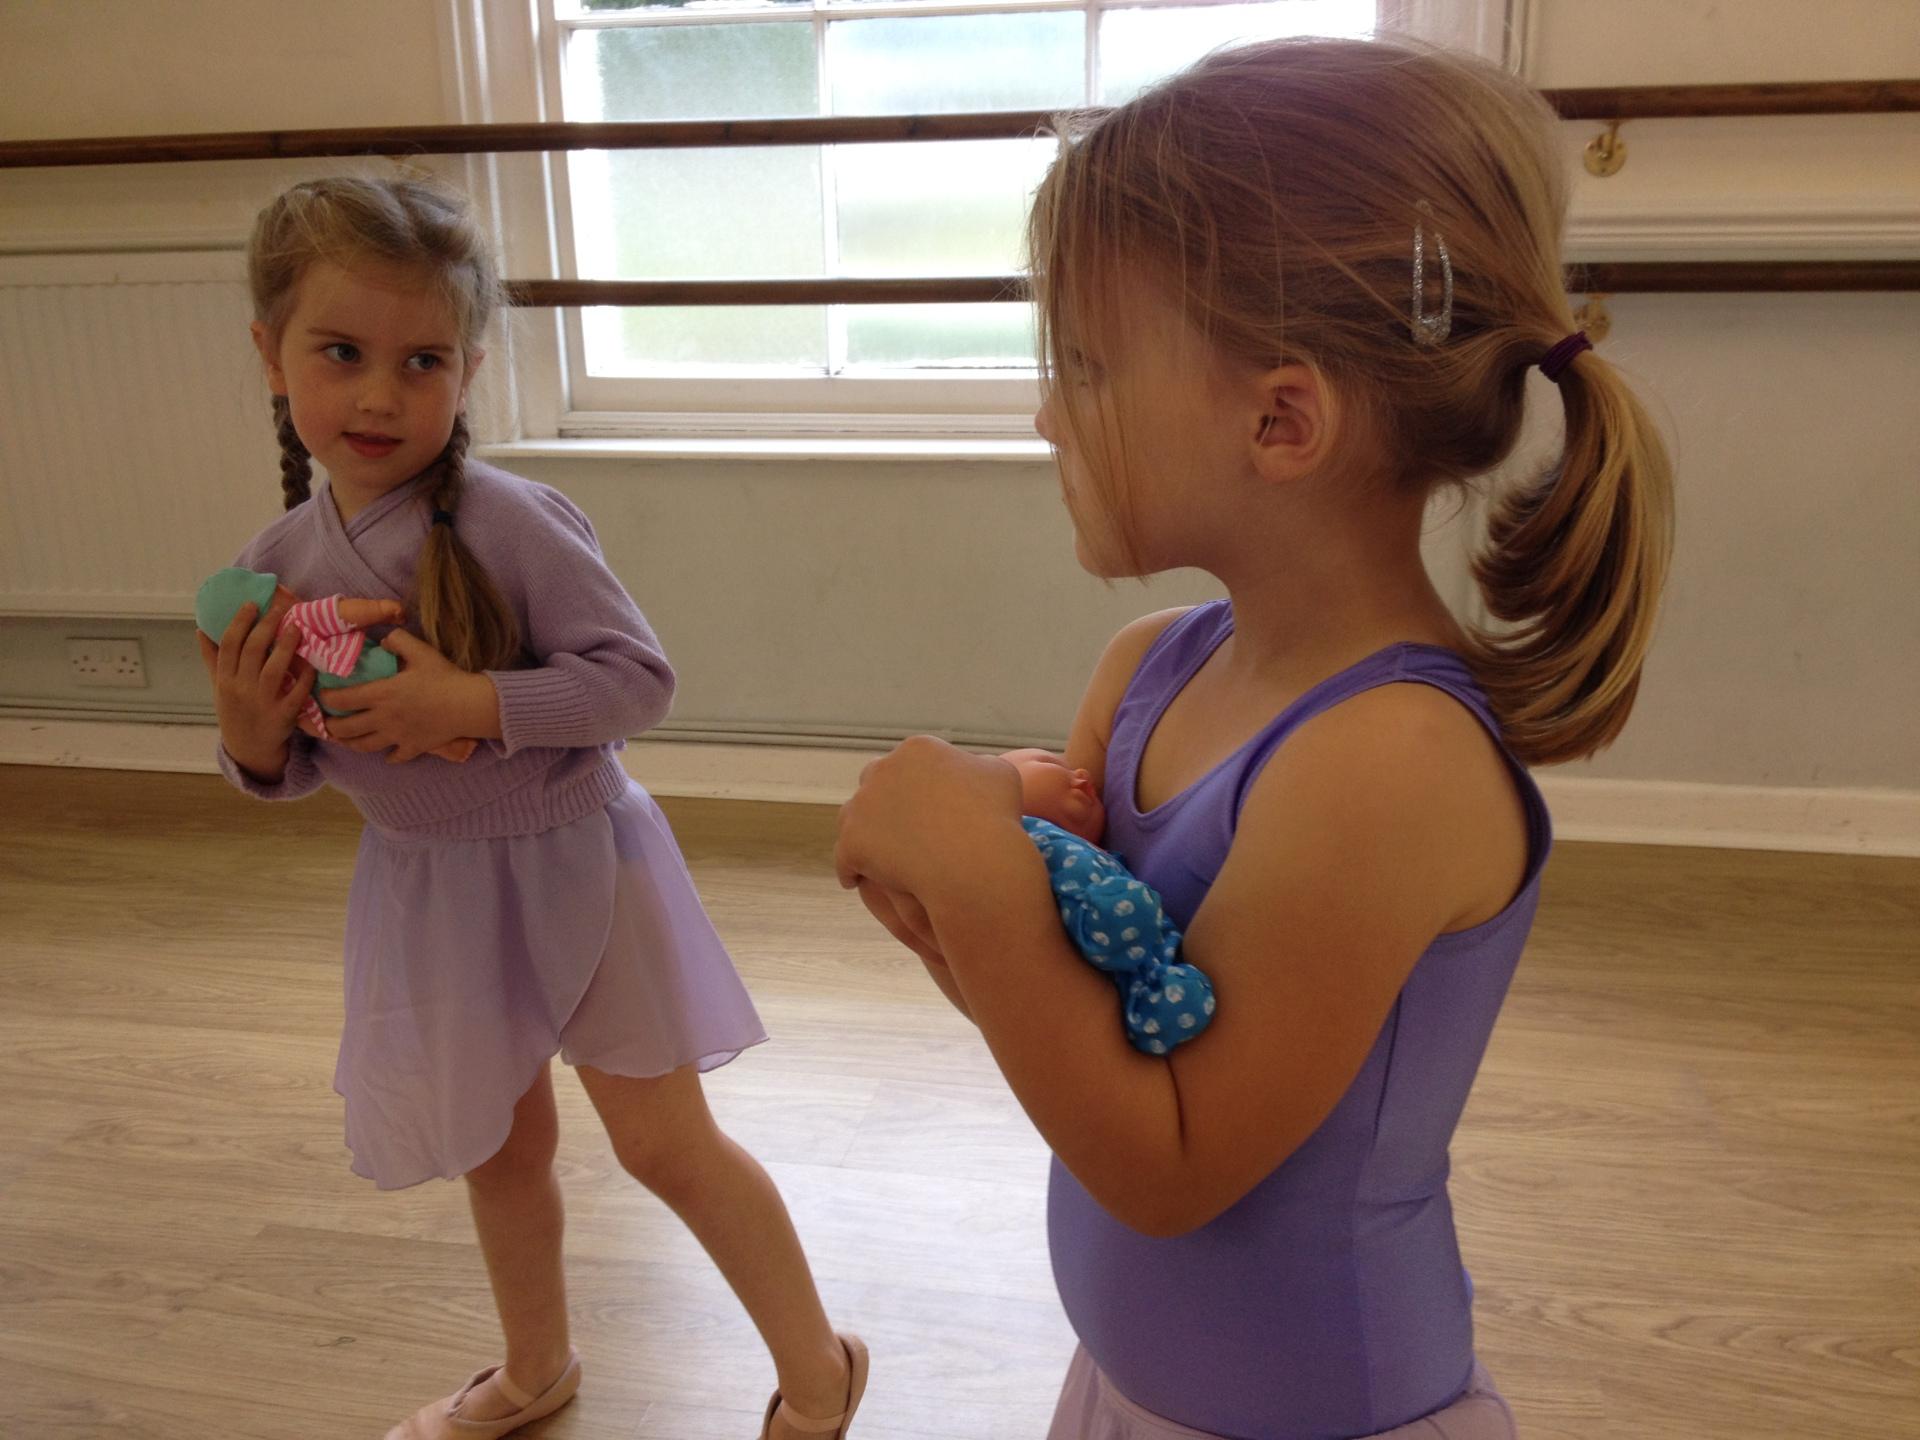 Rocking Babies in Ballet